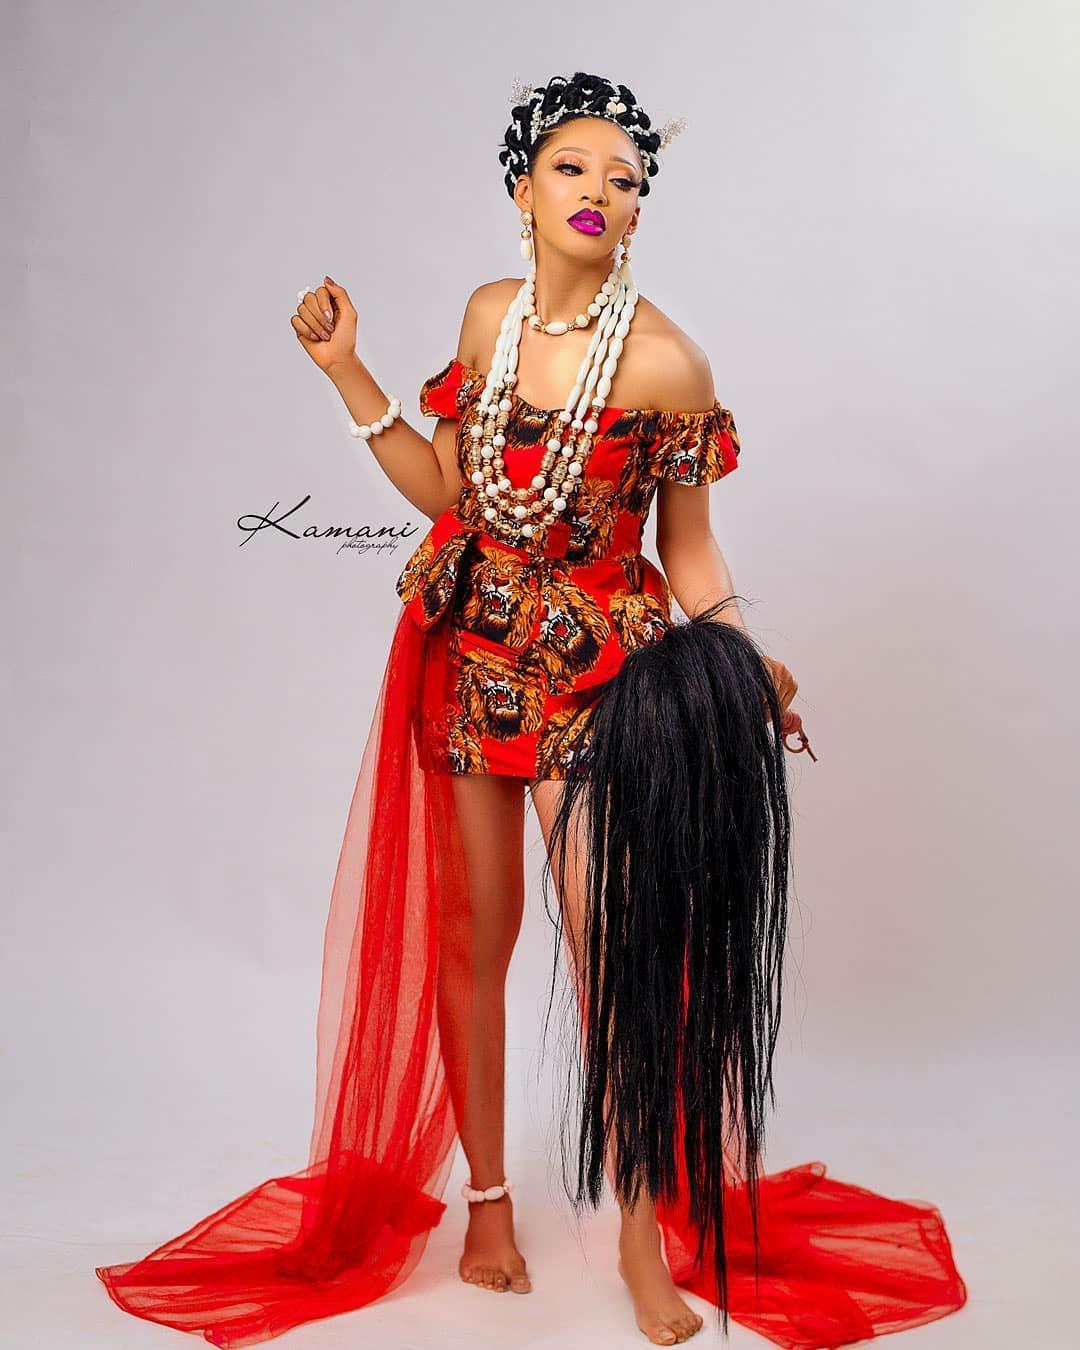 kamani weddings igbo beauty bellanaija weddings 36553713663182868671